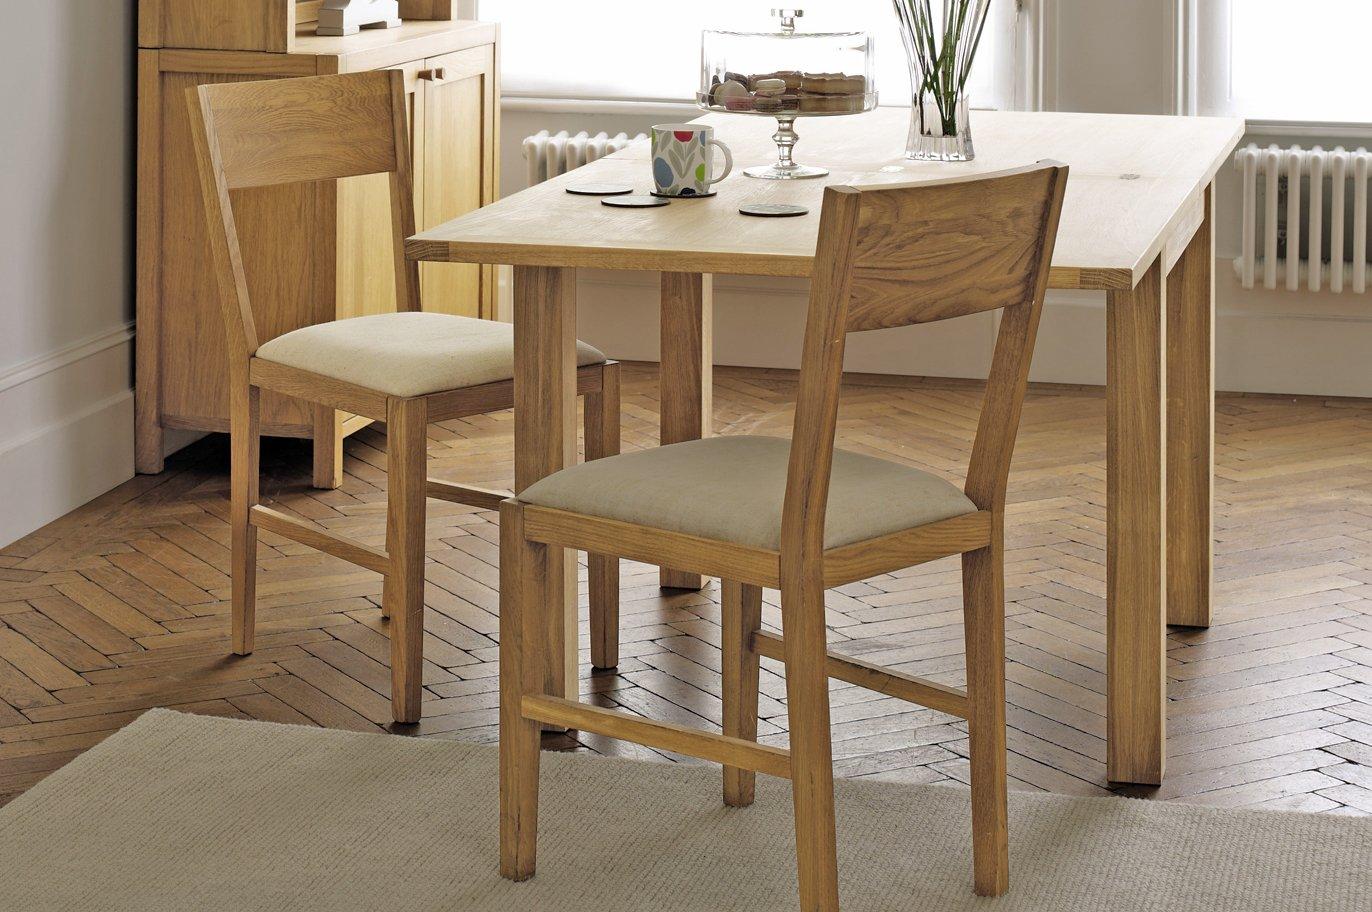 Muebles para una cocina de estilo ingl s decoraci n del for Mesas de cocina pequenas extensibles